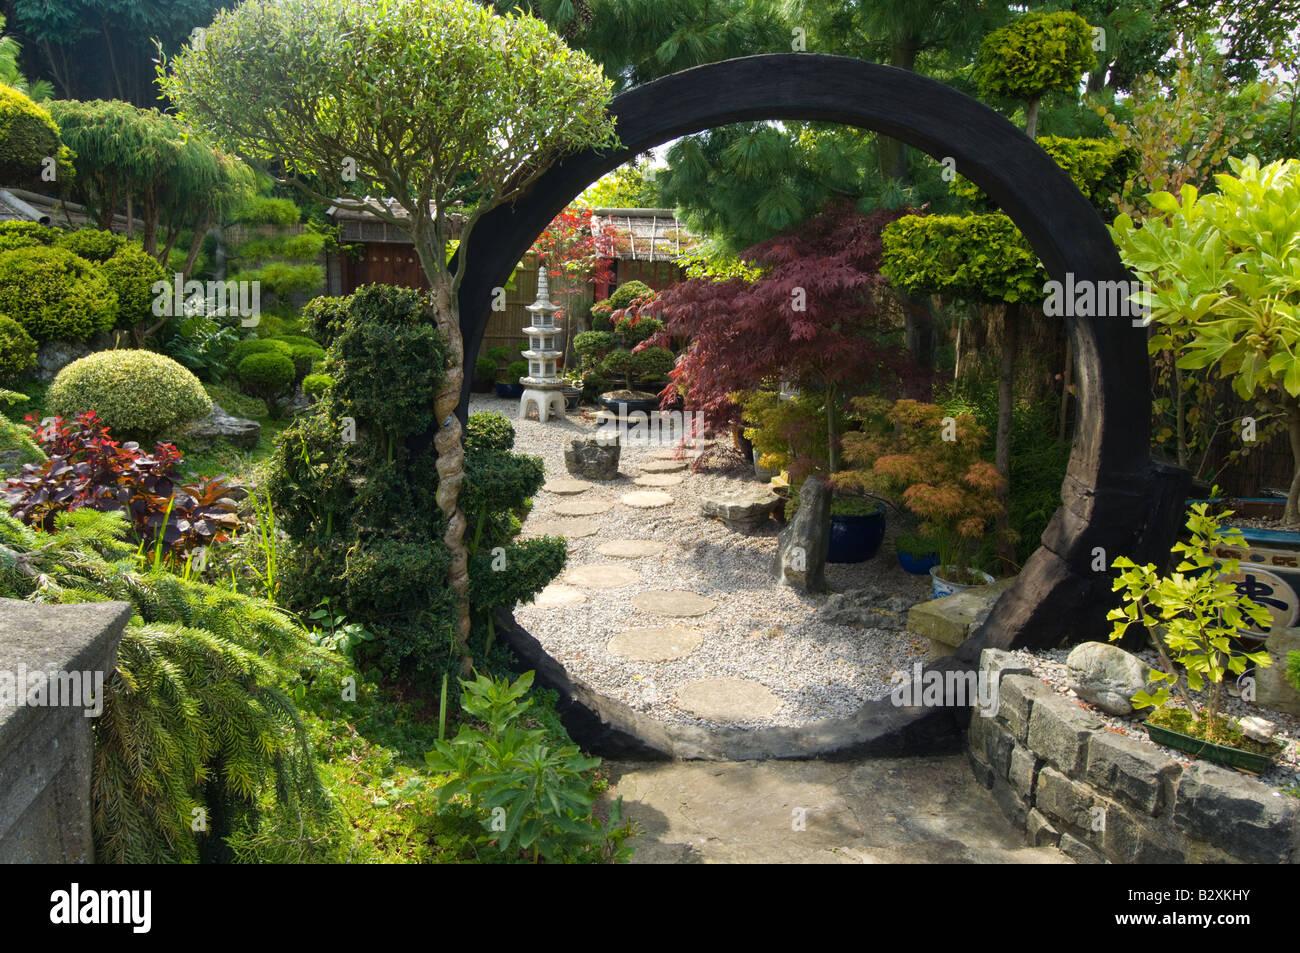 Jardin de style japonais avec moon gate rocks arbustes et ...